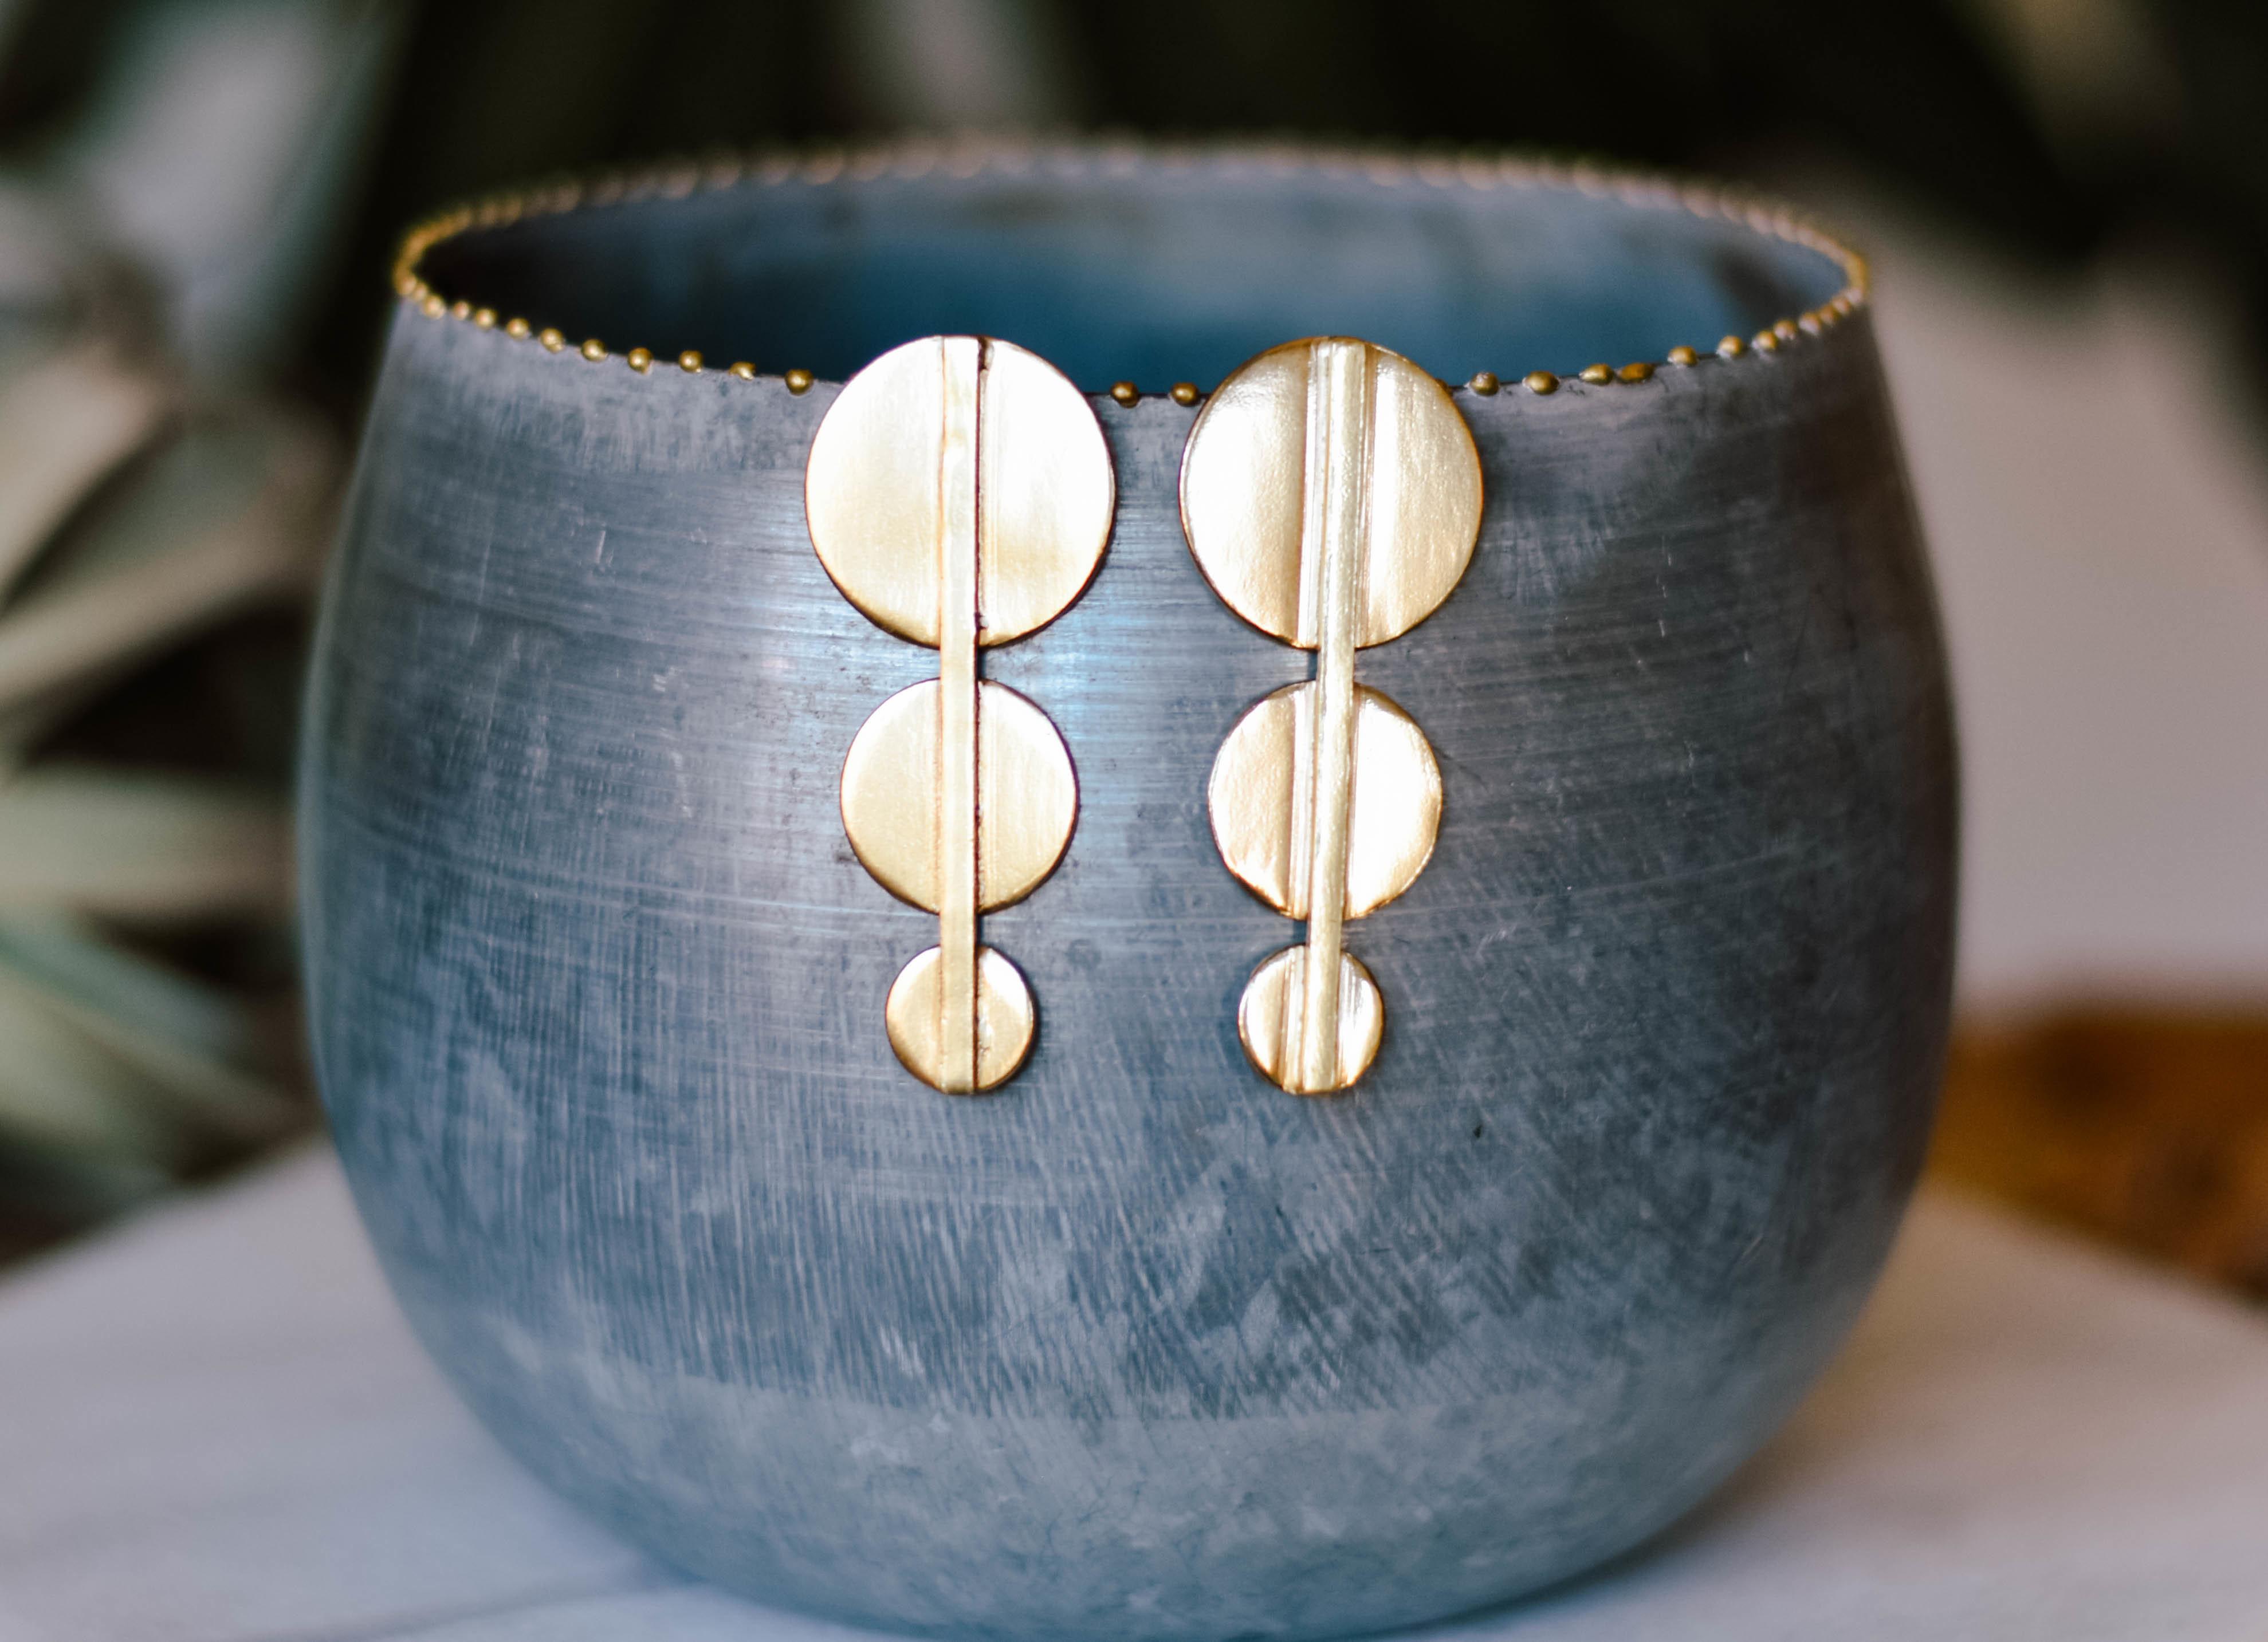 brass bar and Circle earrings Brer7001 AJNX0Q2VEMEXA